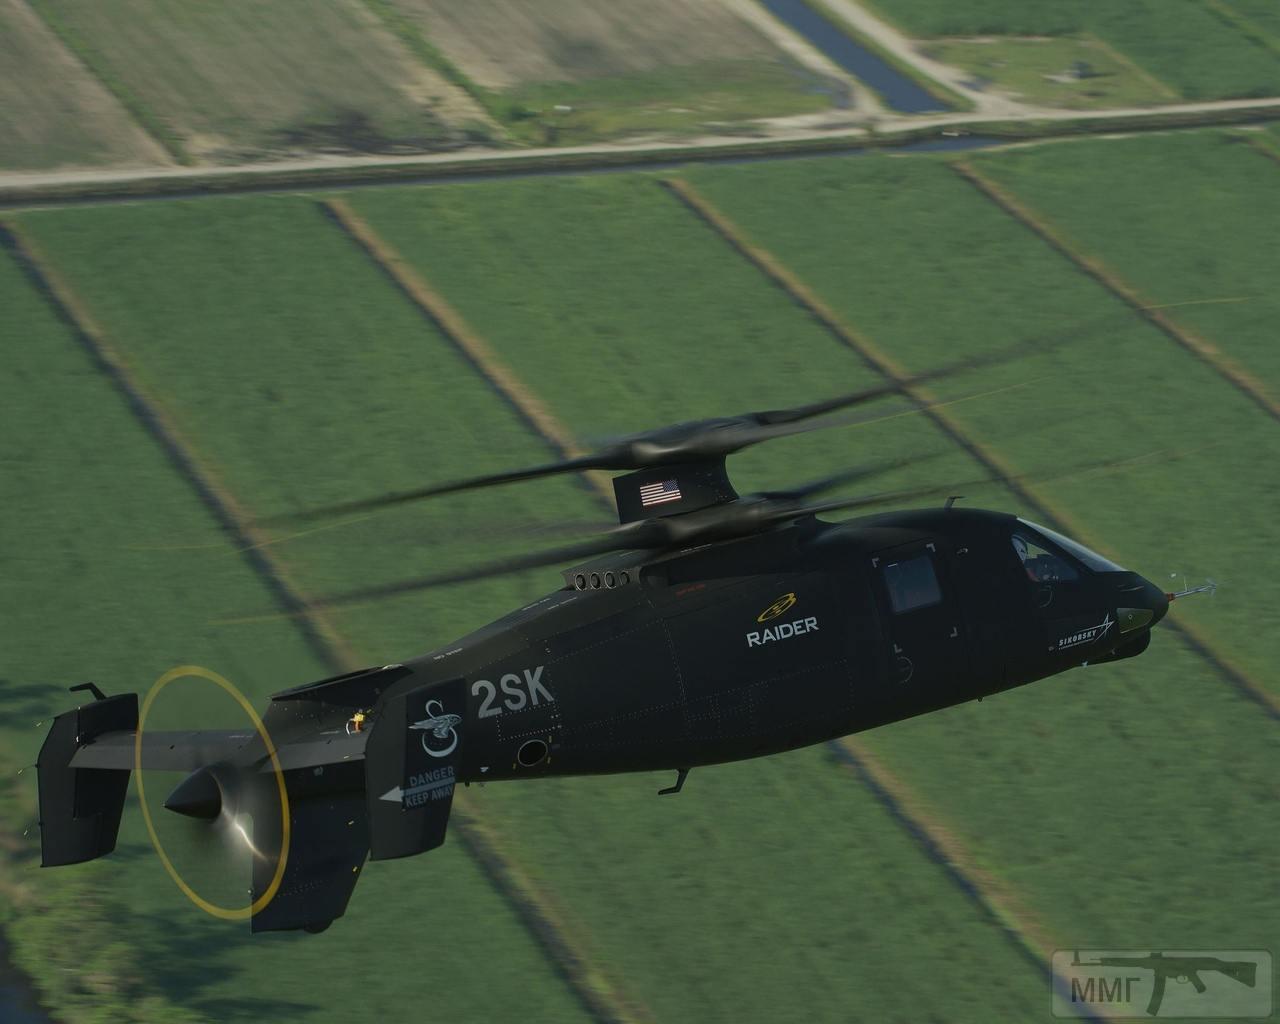 50815 - Красивые фото и видео боевых самолетов и вертолетов